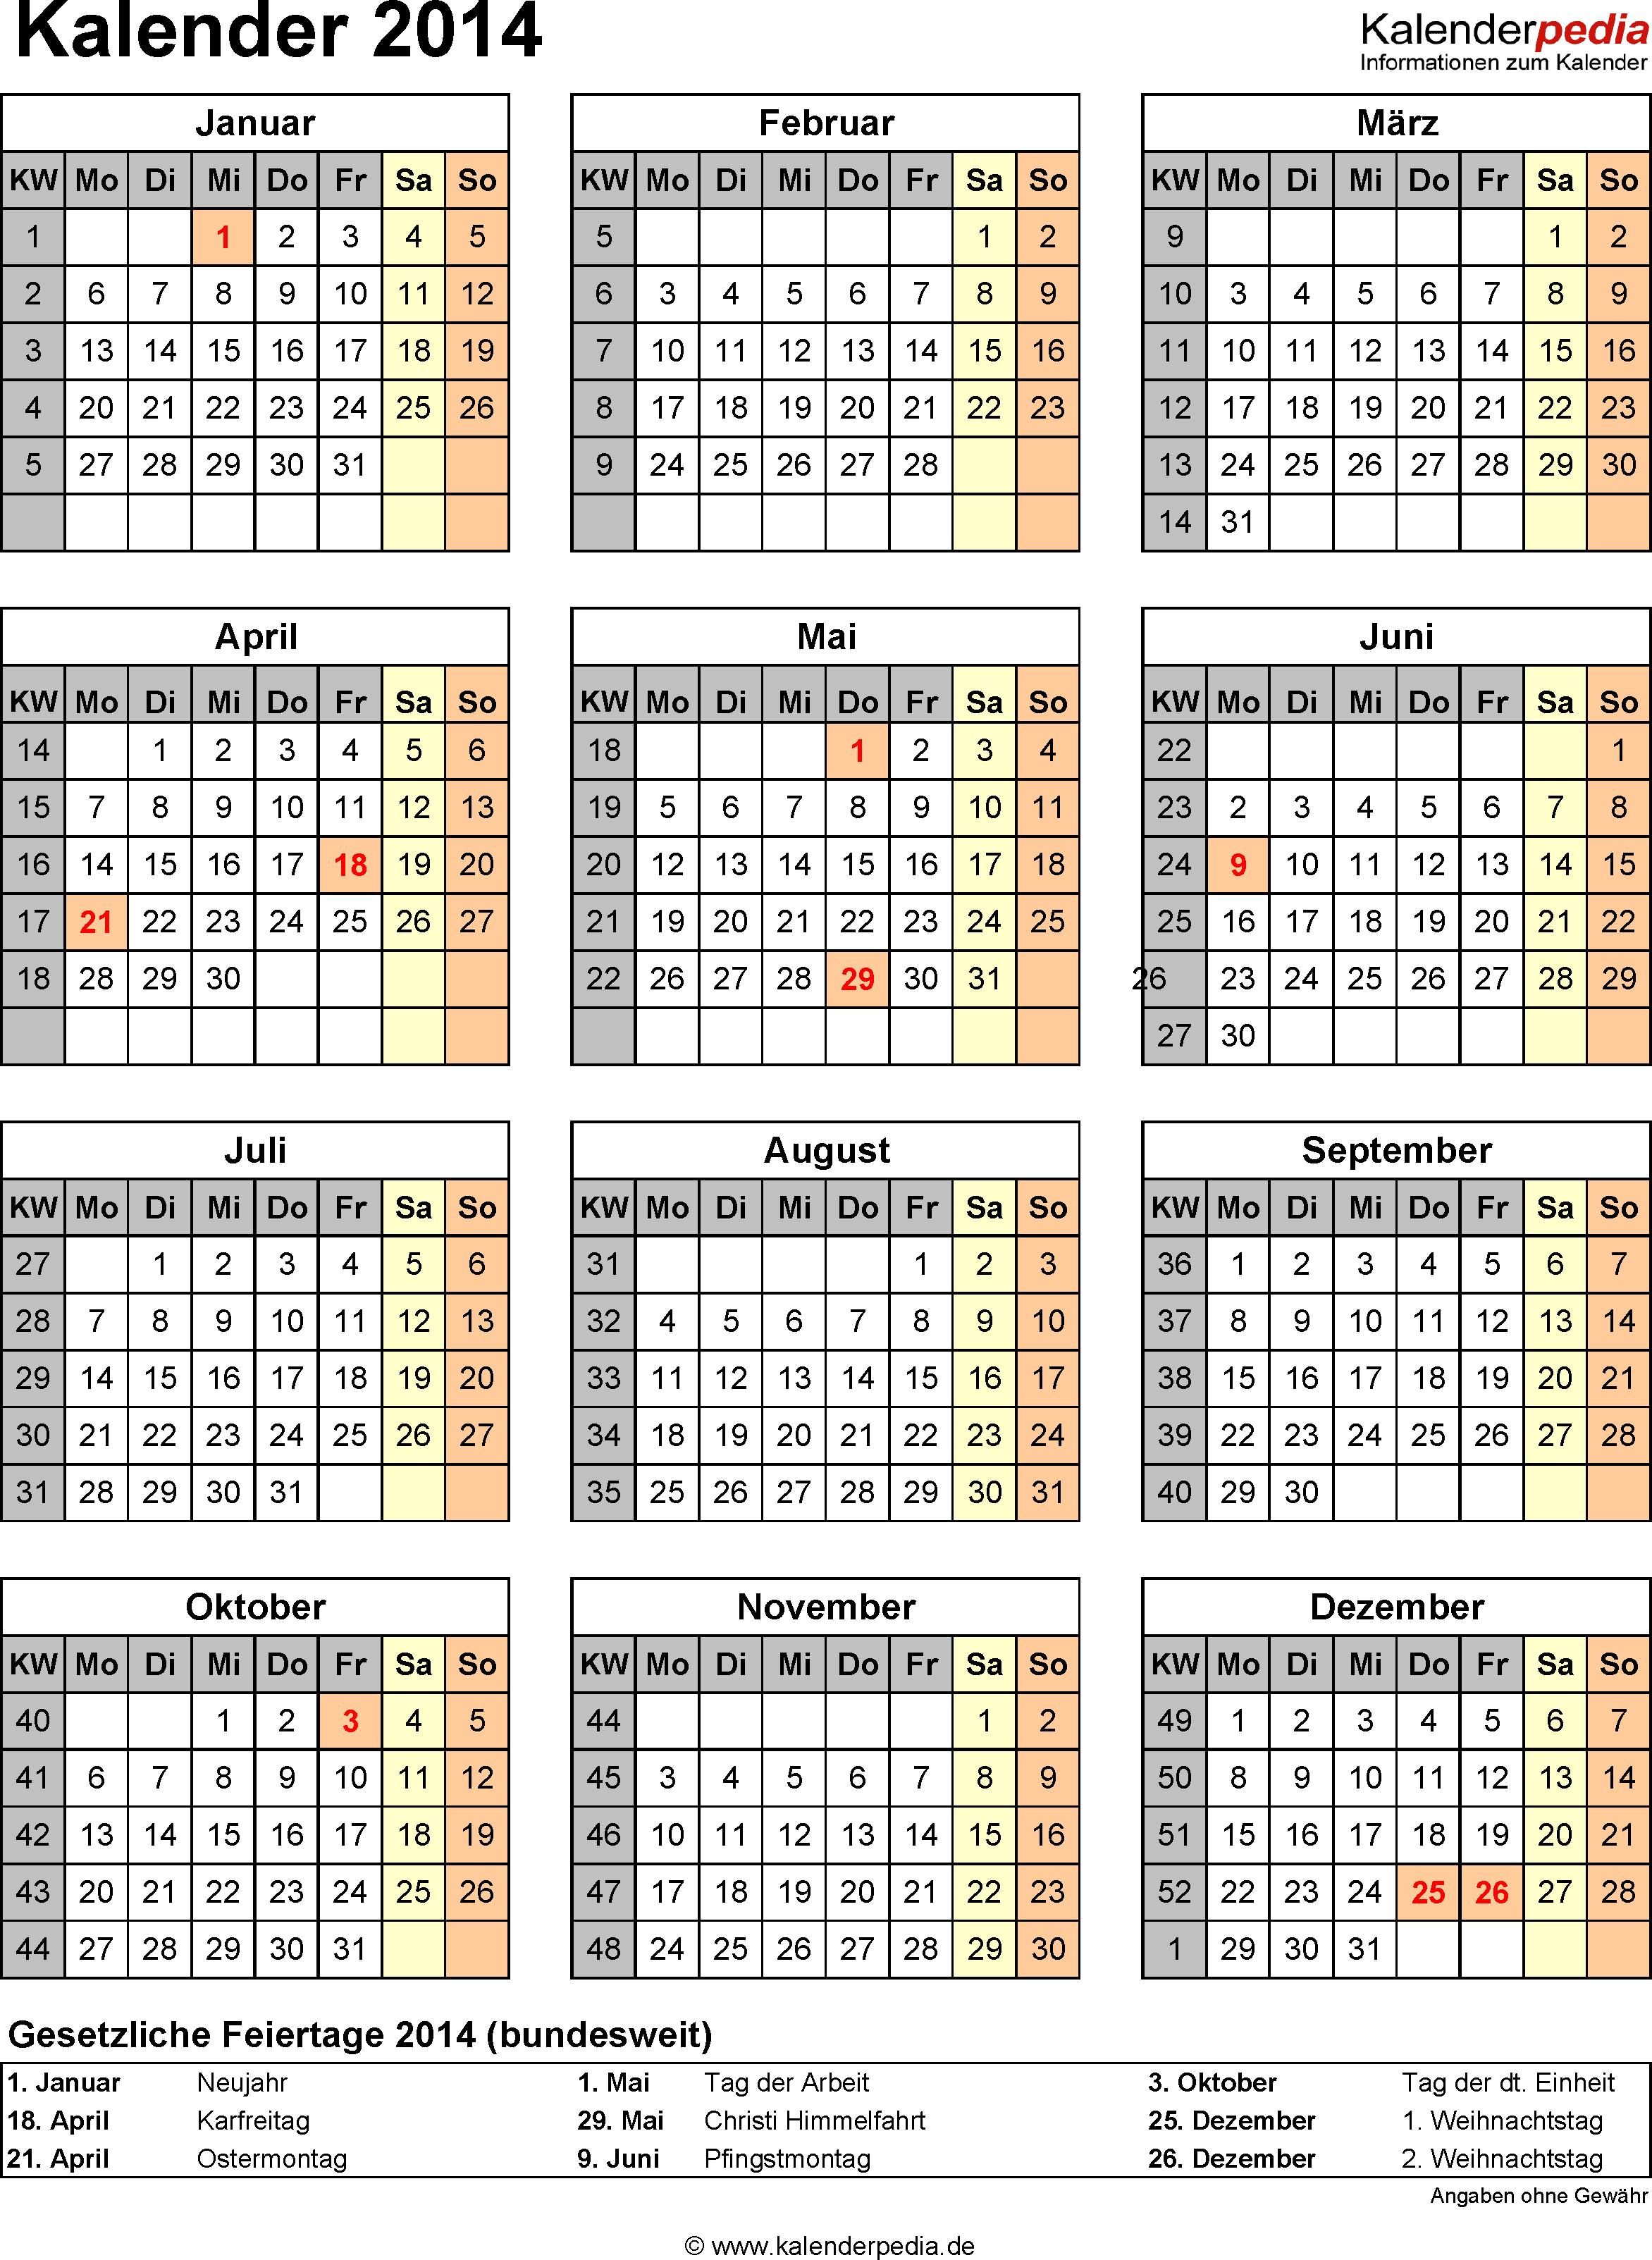 Vorlage 15: Kalender 2014 als PDF-Datei, Jahresansicht, Hochformat, 1 Seite